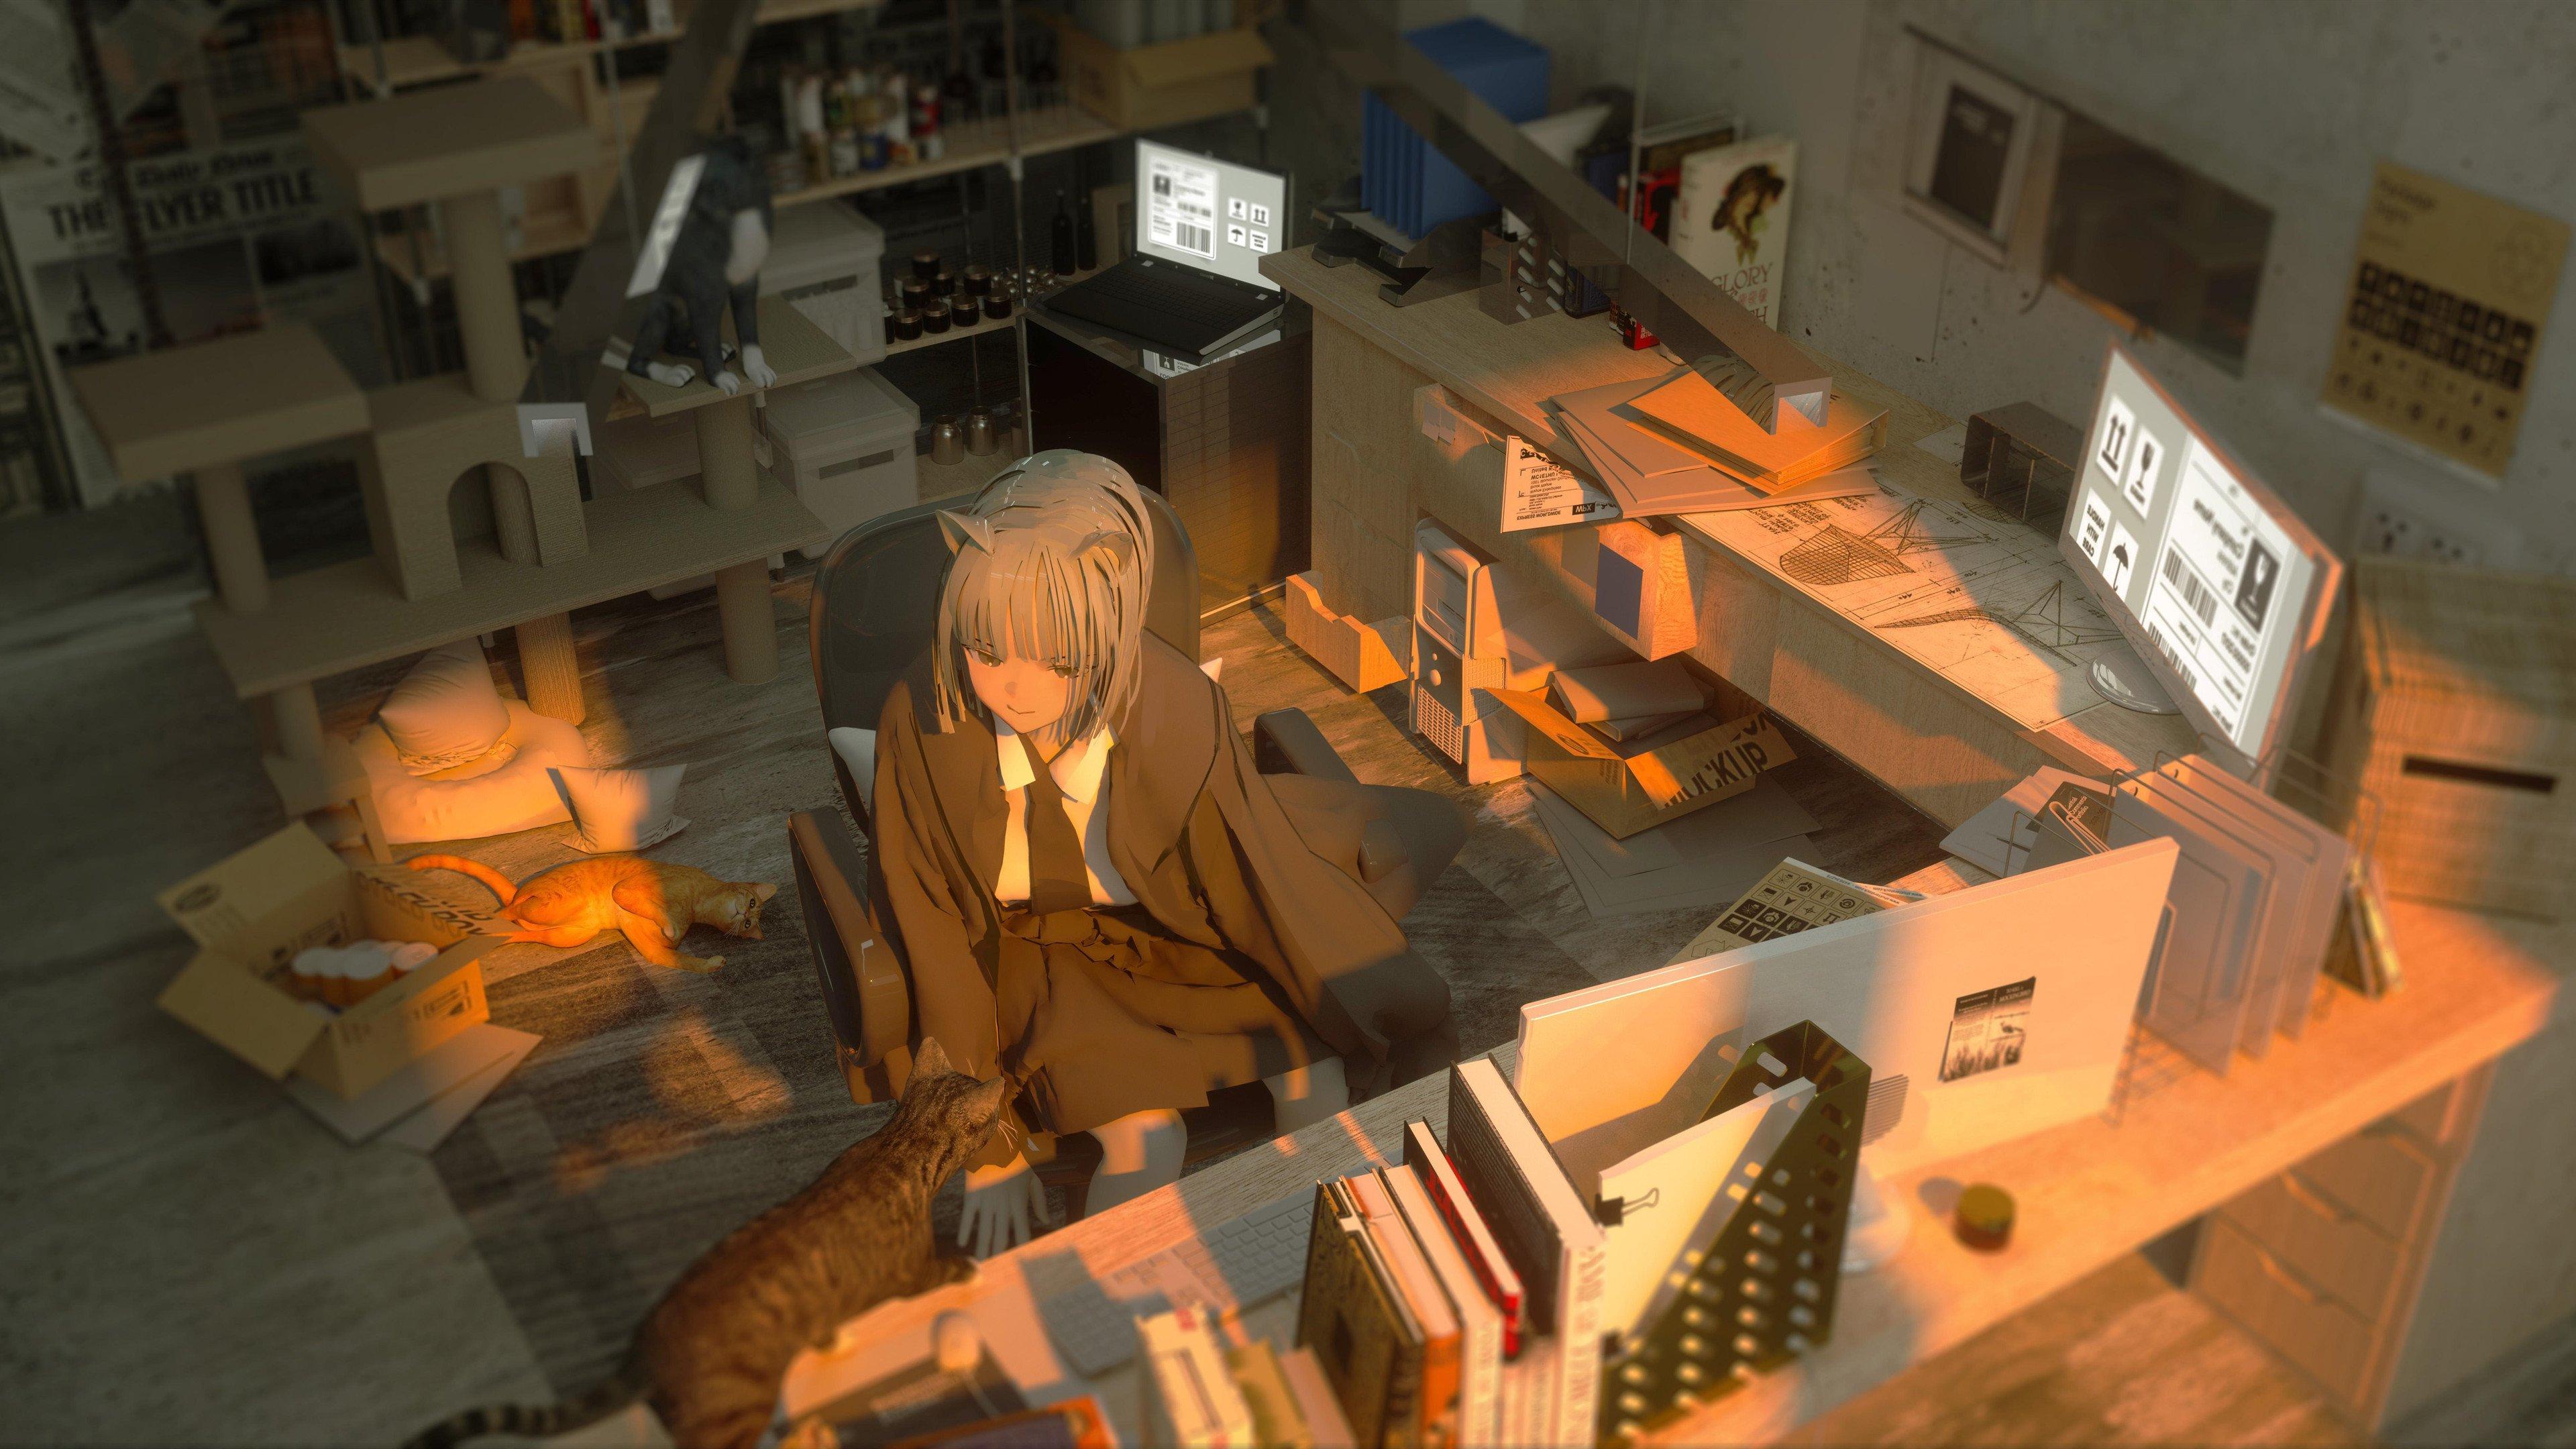 电脑工作室 女孩猫耳朵 狸猫 高清动漫壁纸,高清动漫电脑壁纸